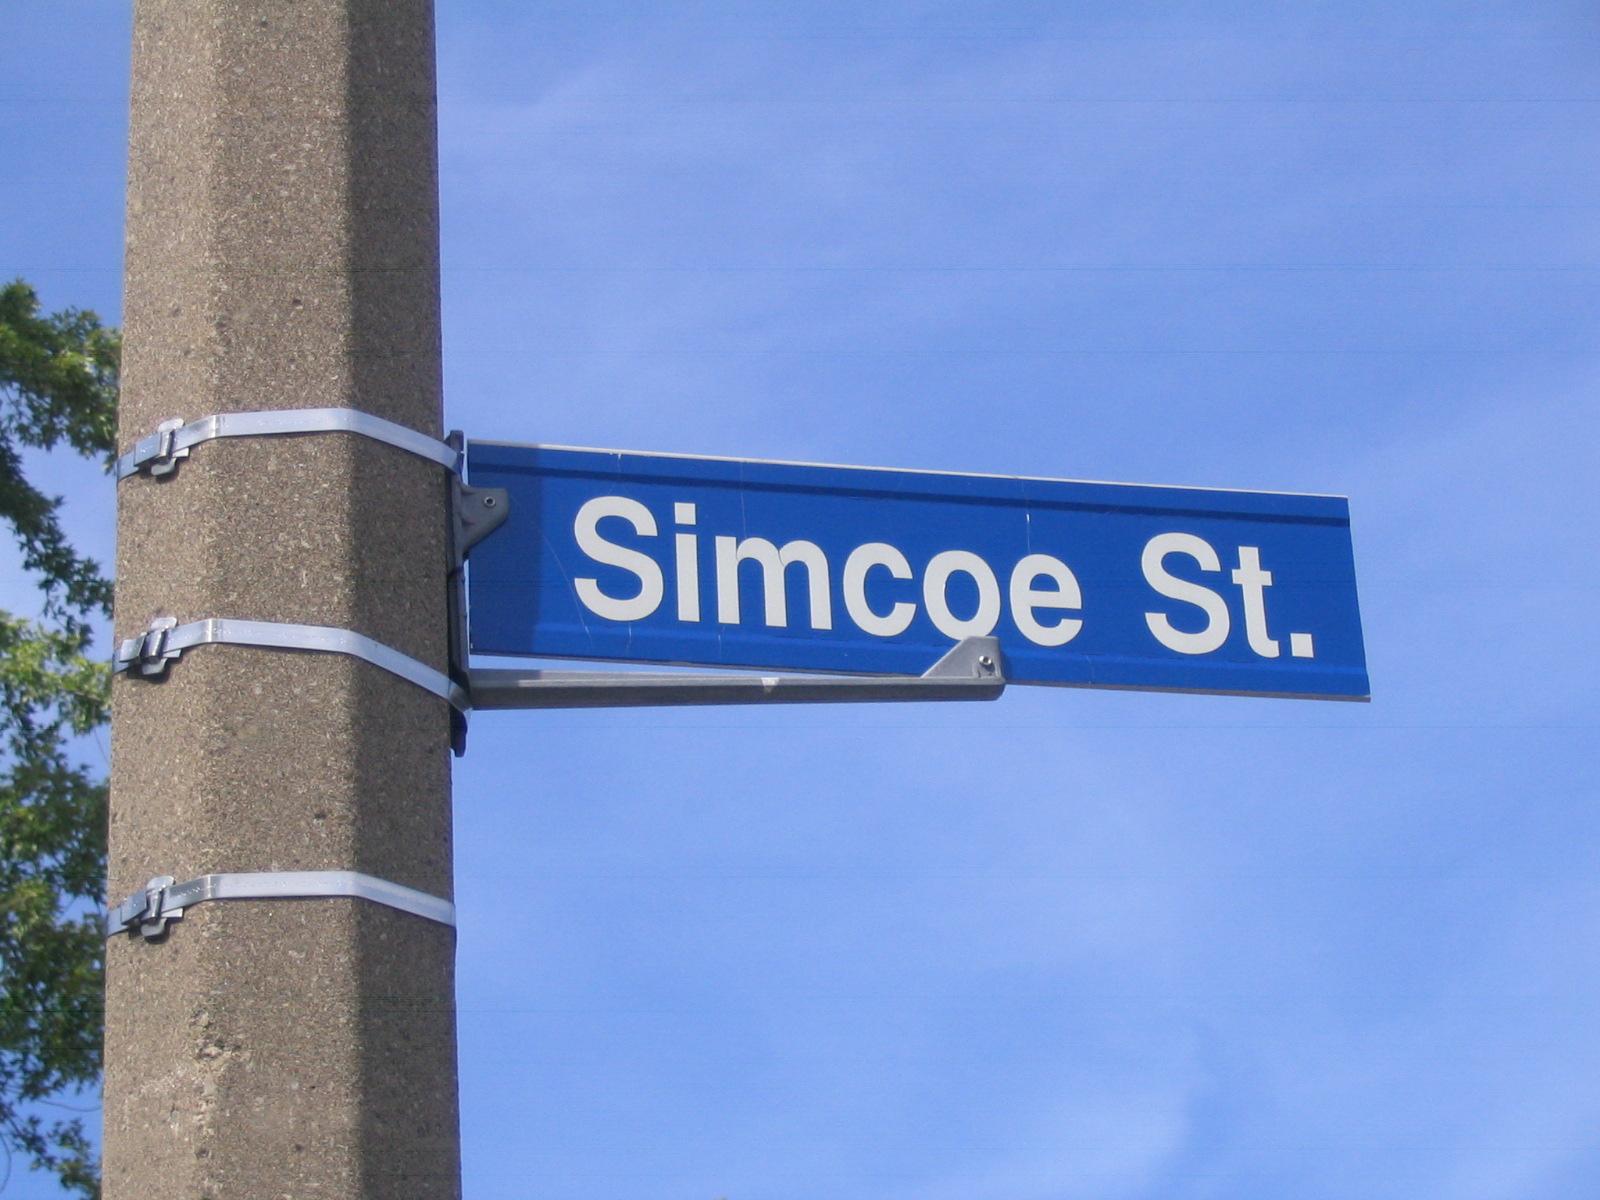 Simcoe (ON) Canada  city photos : Simcoe Street in Niagara Falls, Canada – pleia2's blog